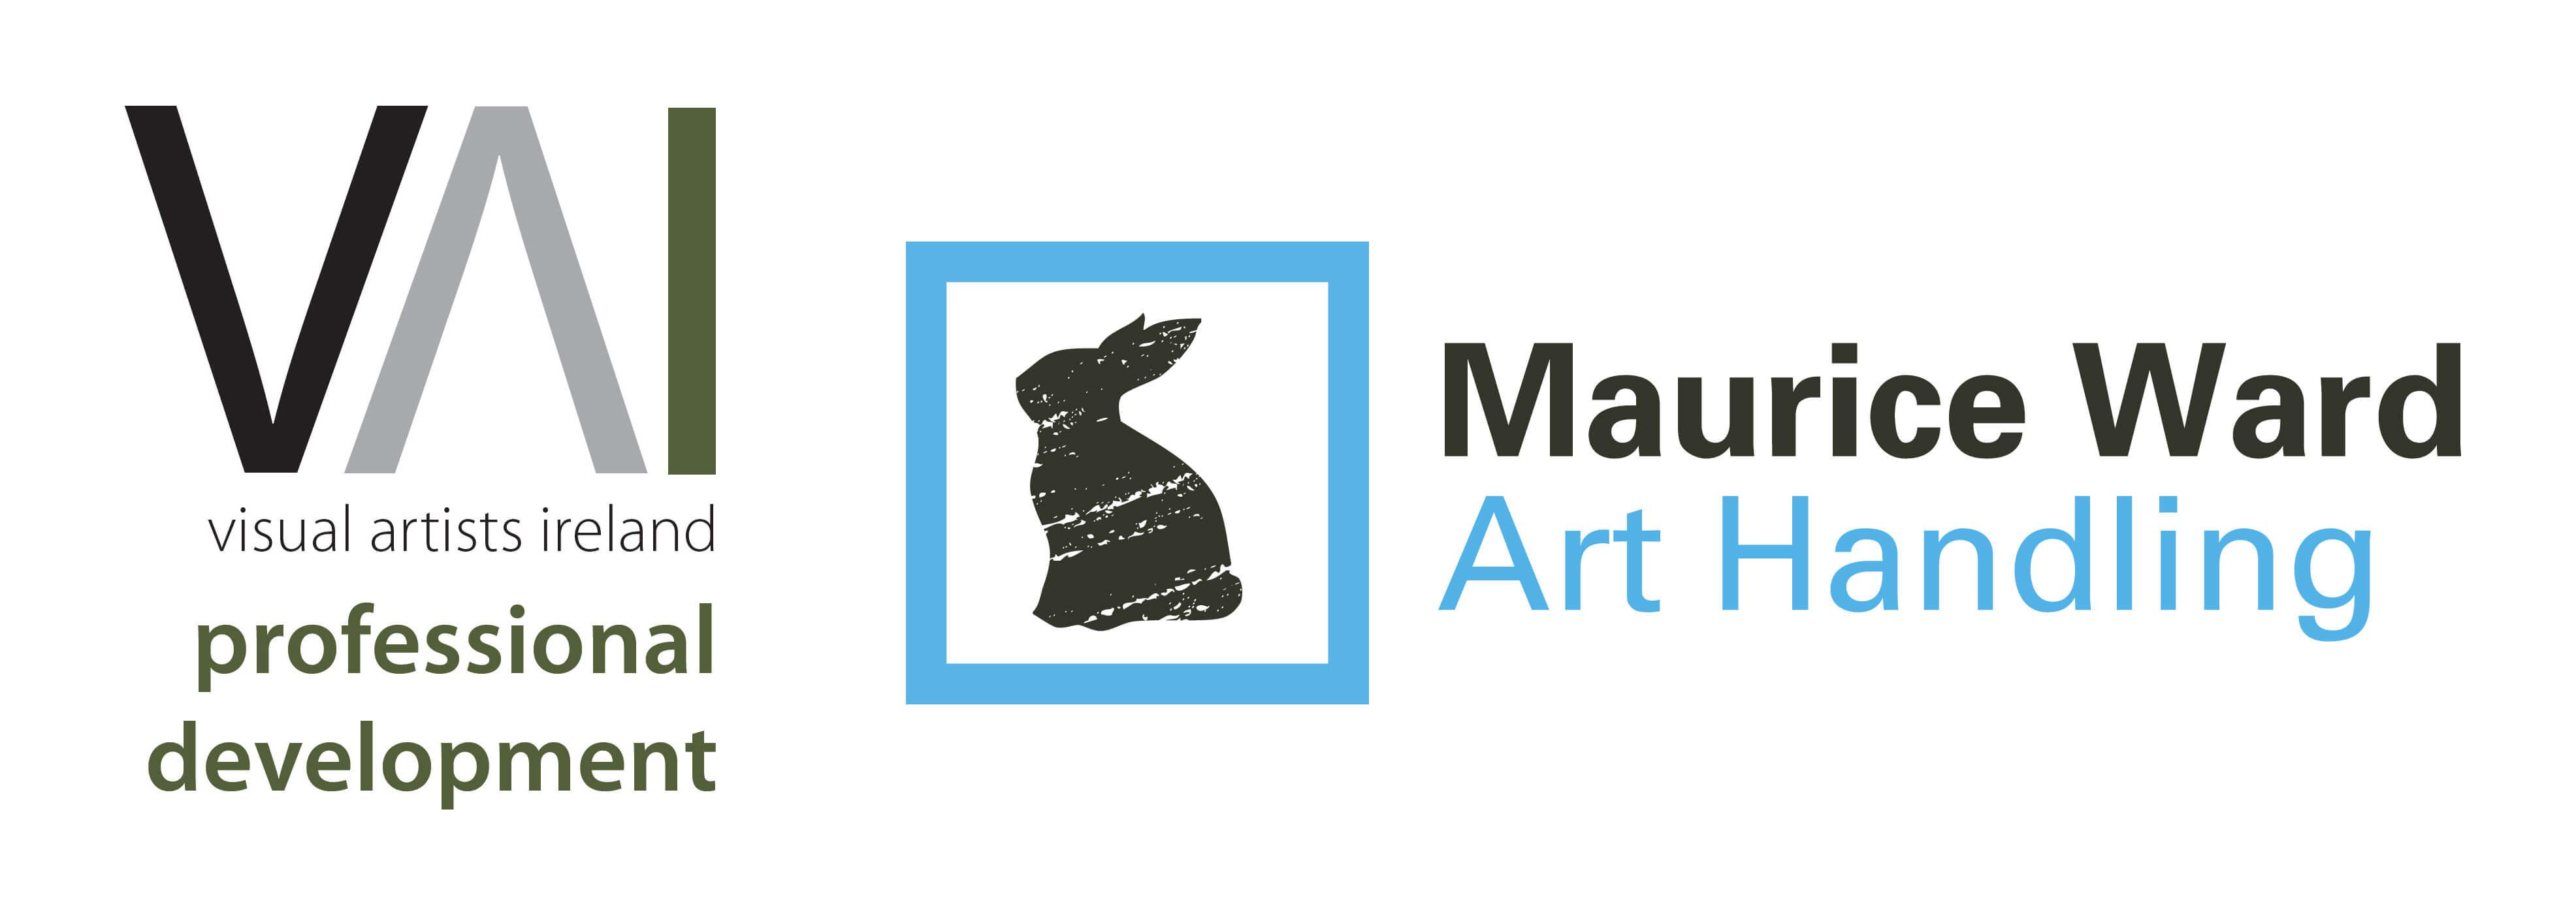 VAI Maurice Ward